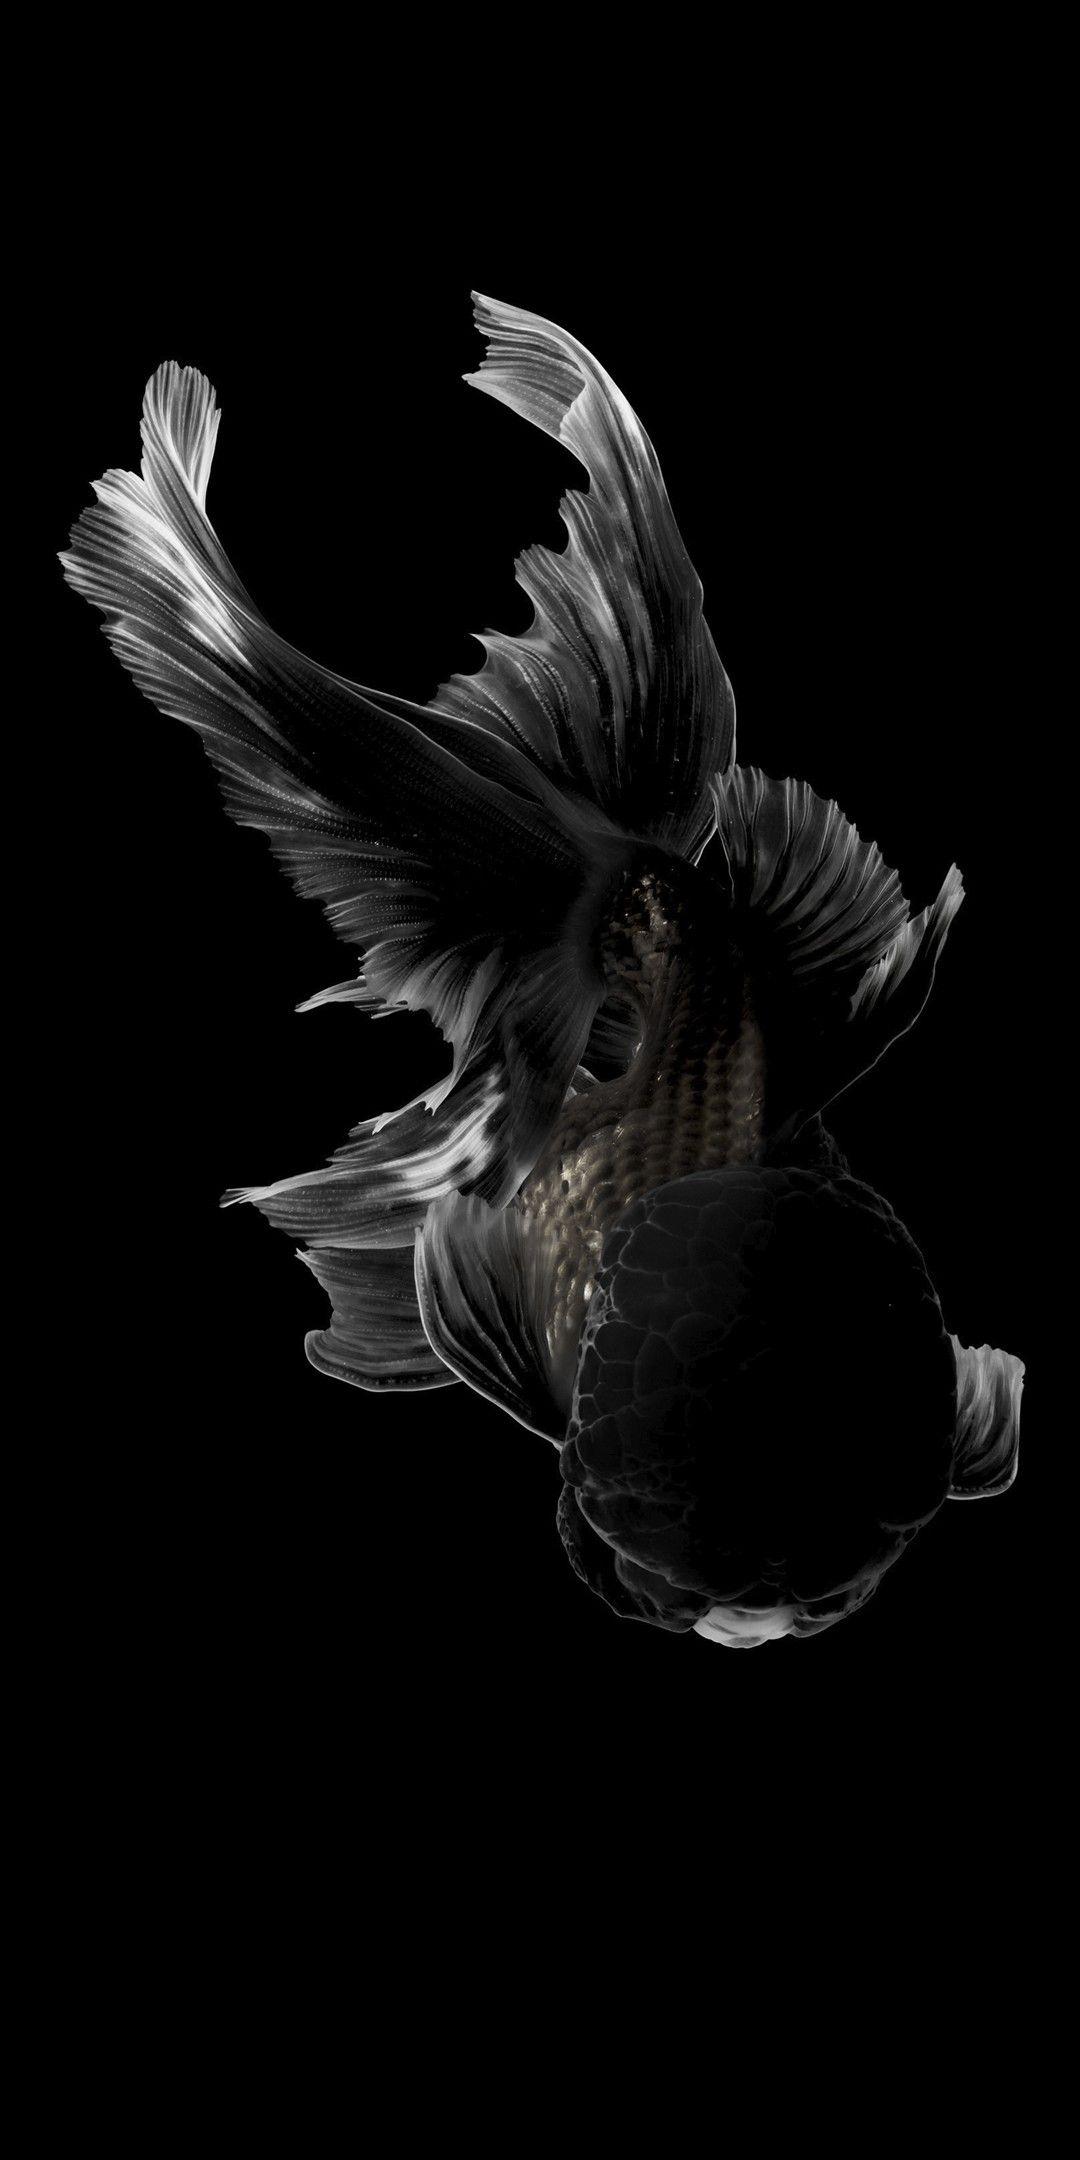 Pin By Iyan Sofyan On Animals Pictures Goldfish Wallpaper Black Goldfish Goldfish